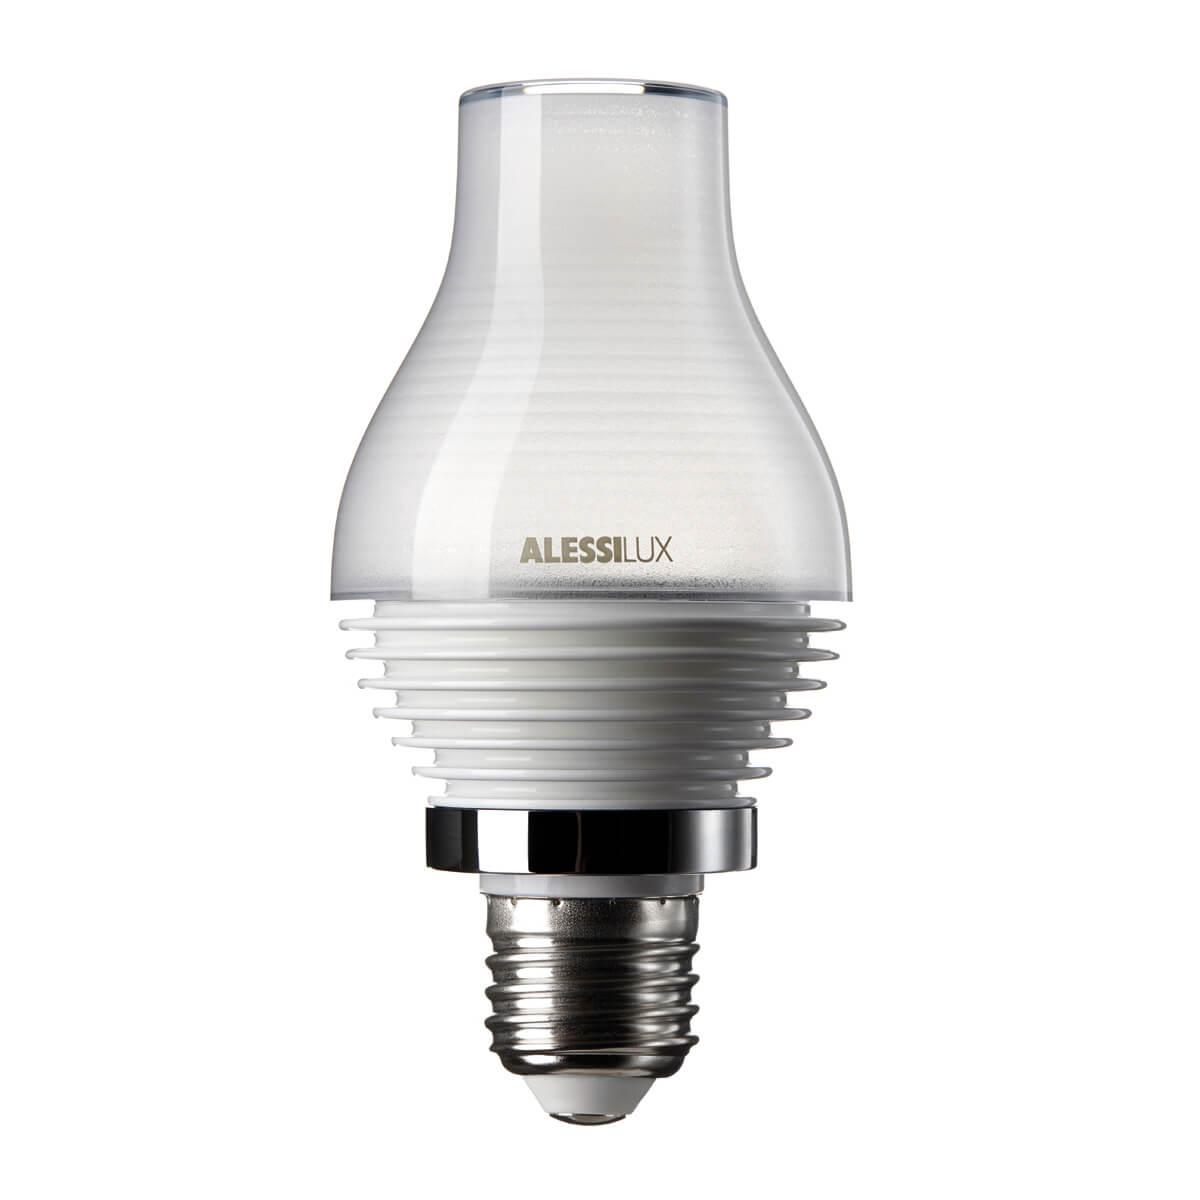 Paraffina, LED light bulb for Alessilux